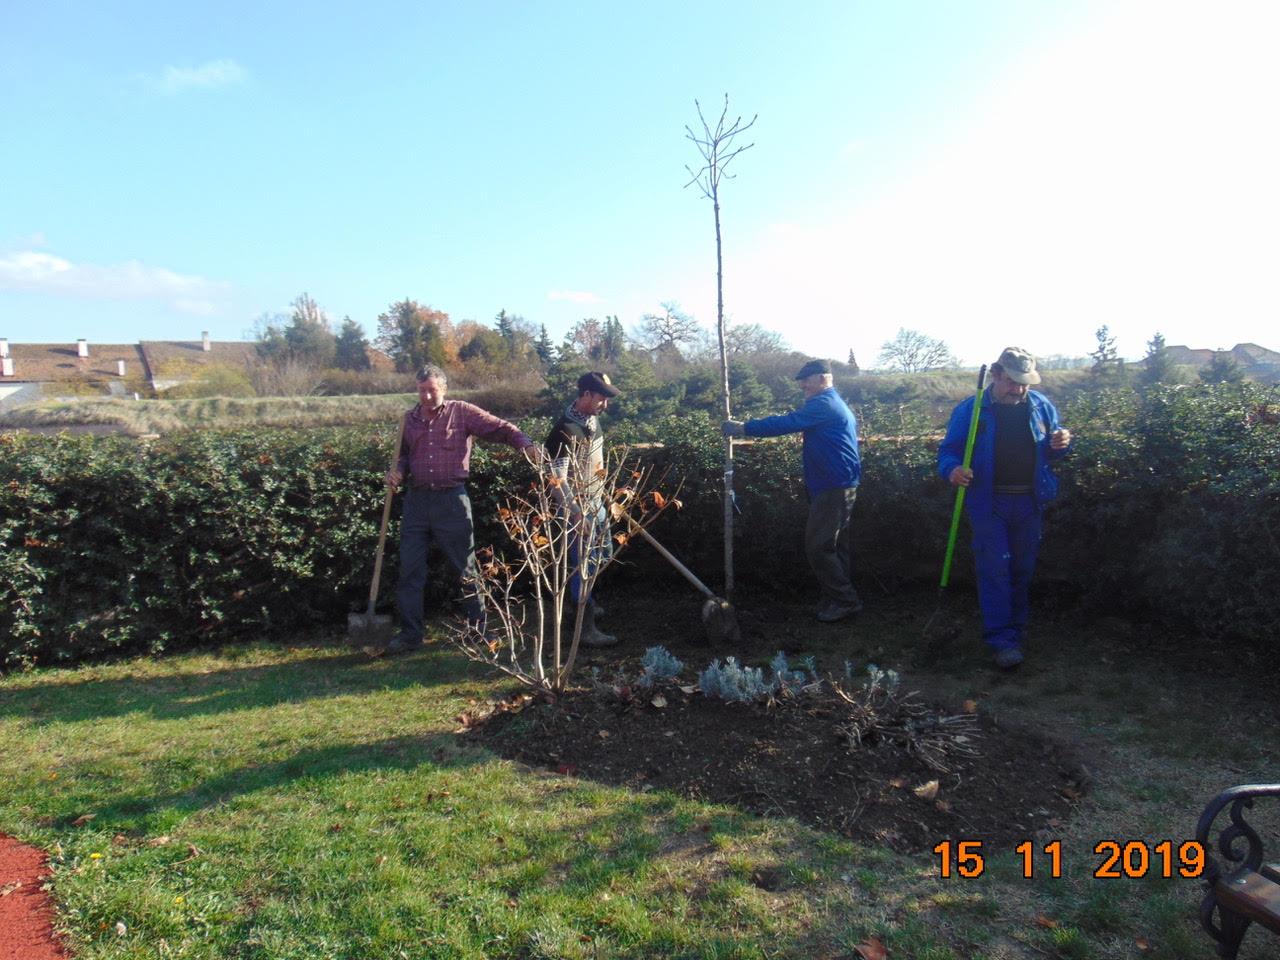 Peste 100 de copaci, 1200 arbuști ornamentali și 66000 de flori, parte din campania de refacere a zonelor verzi din Alba Iulia